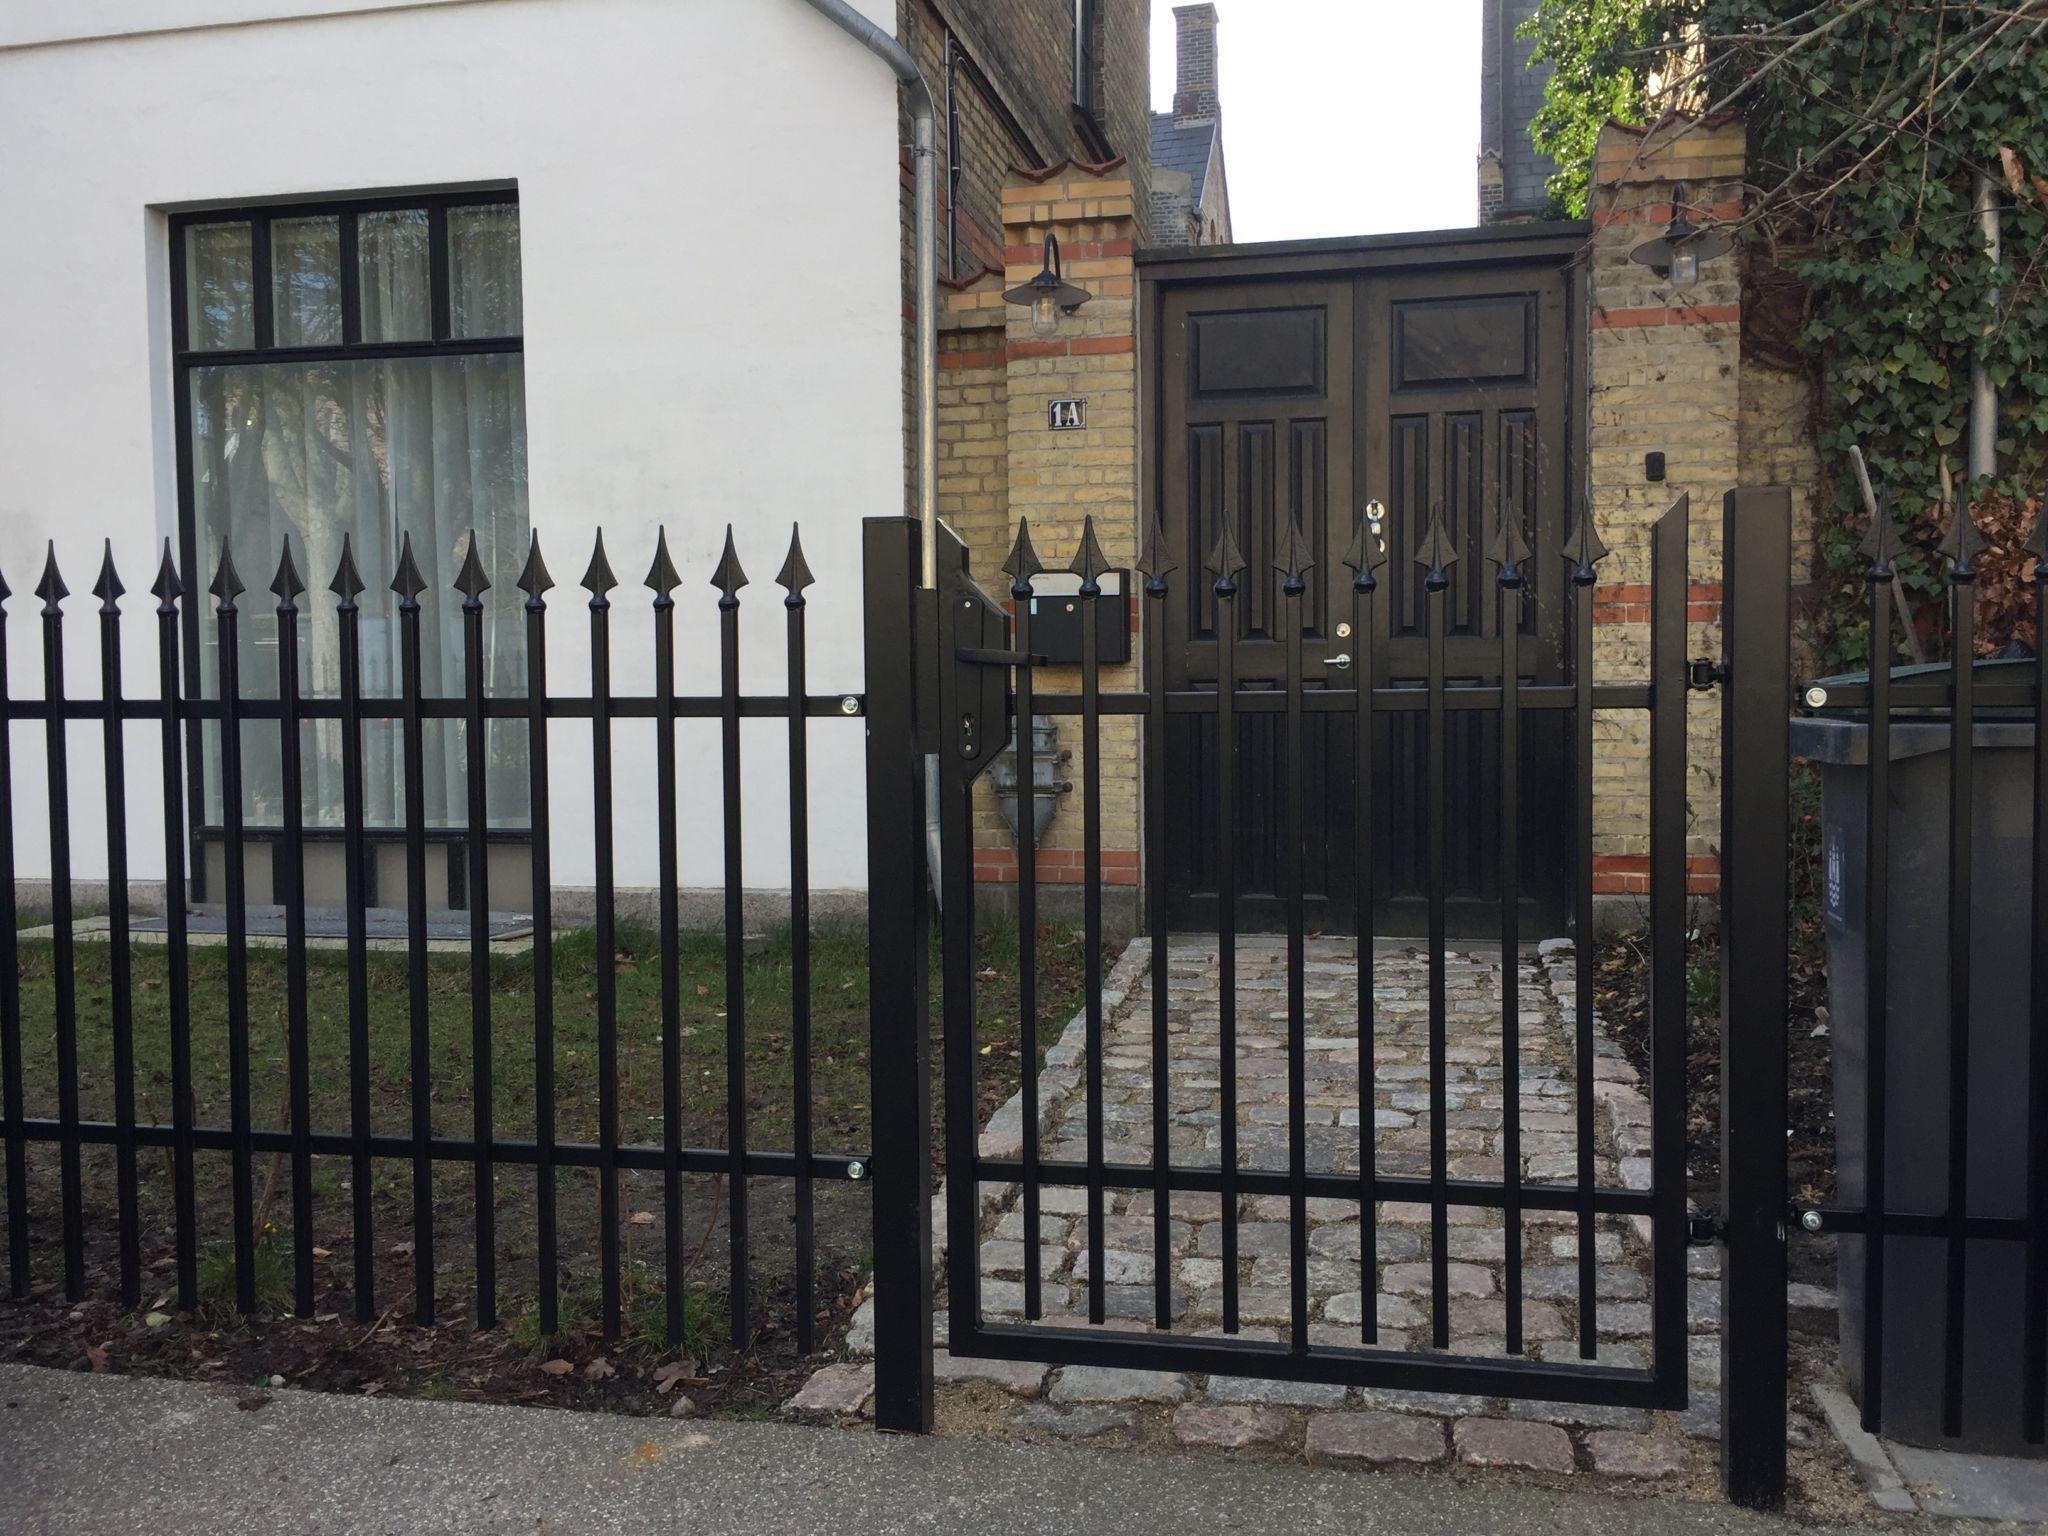 Smedejernslåge foran hus i have med smedejernshegn